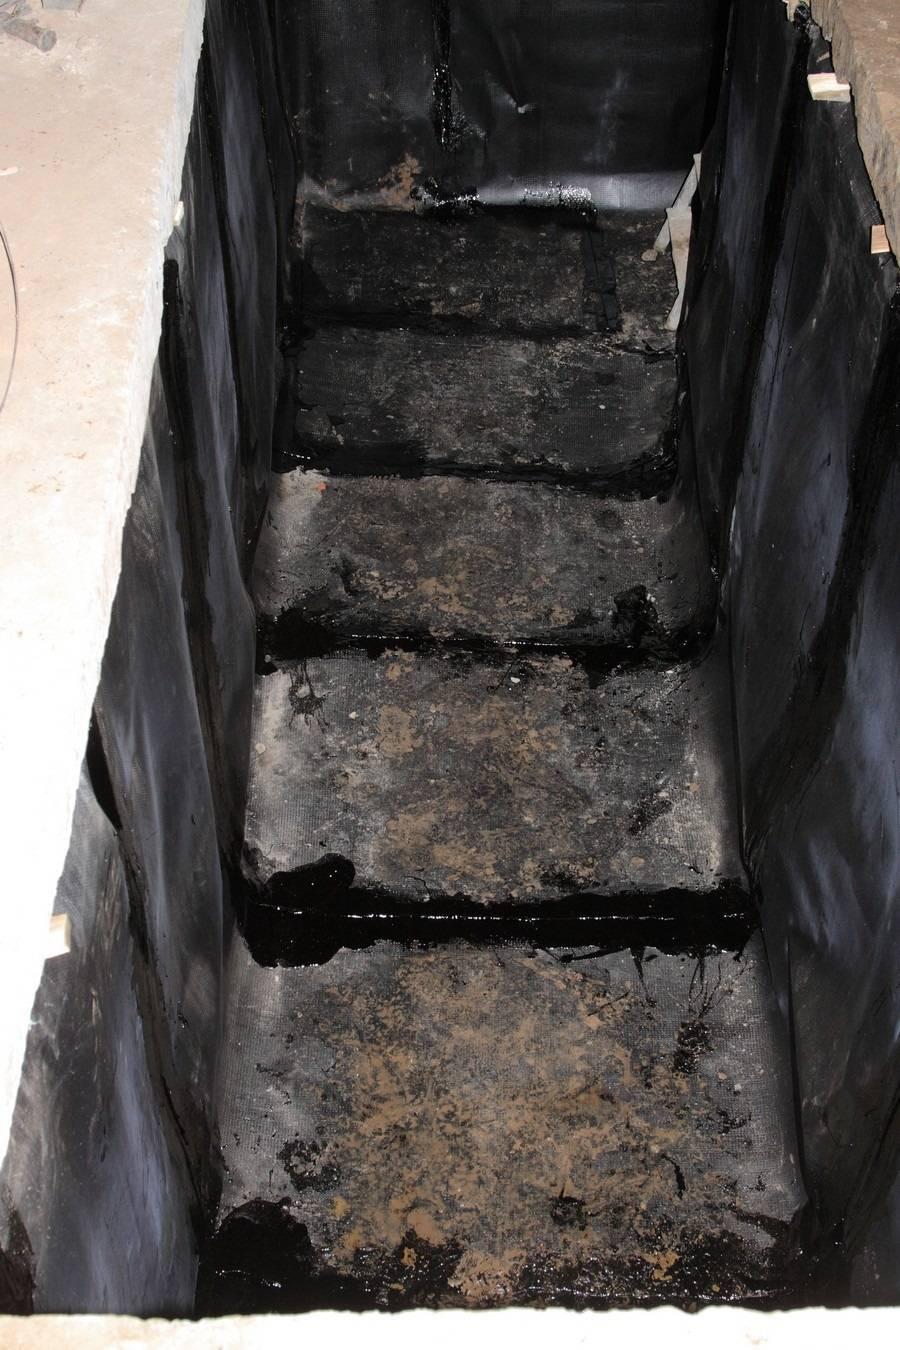 Смотровая яма в гараже своими руками: размеры и как сделать на участке с грунтовыми водами